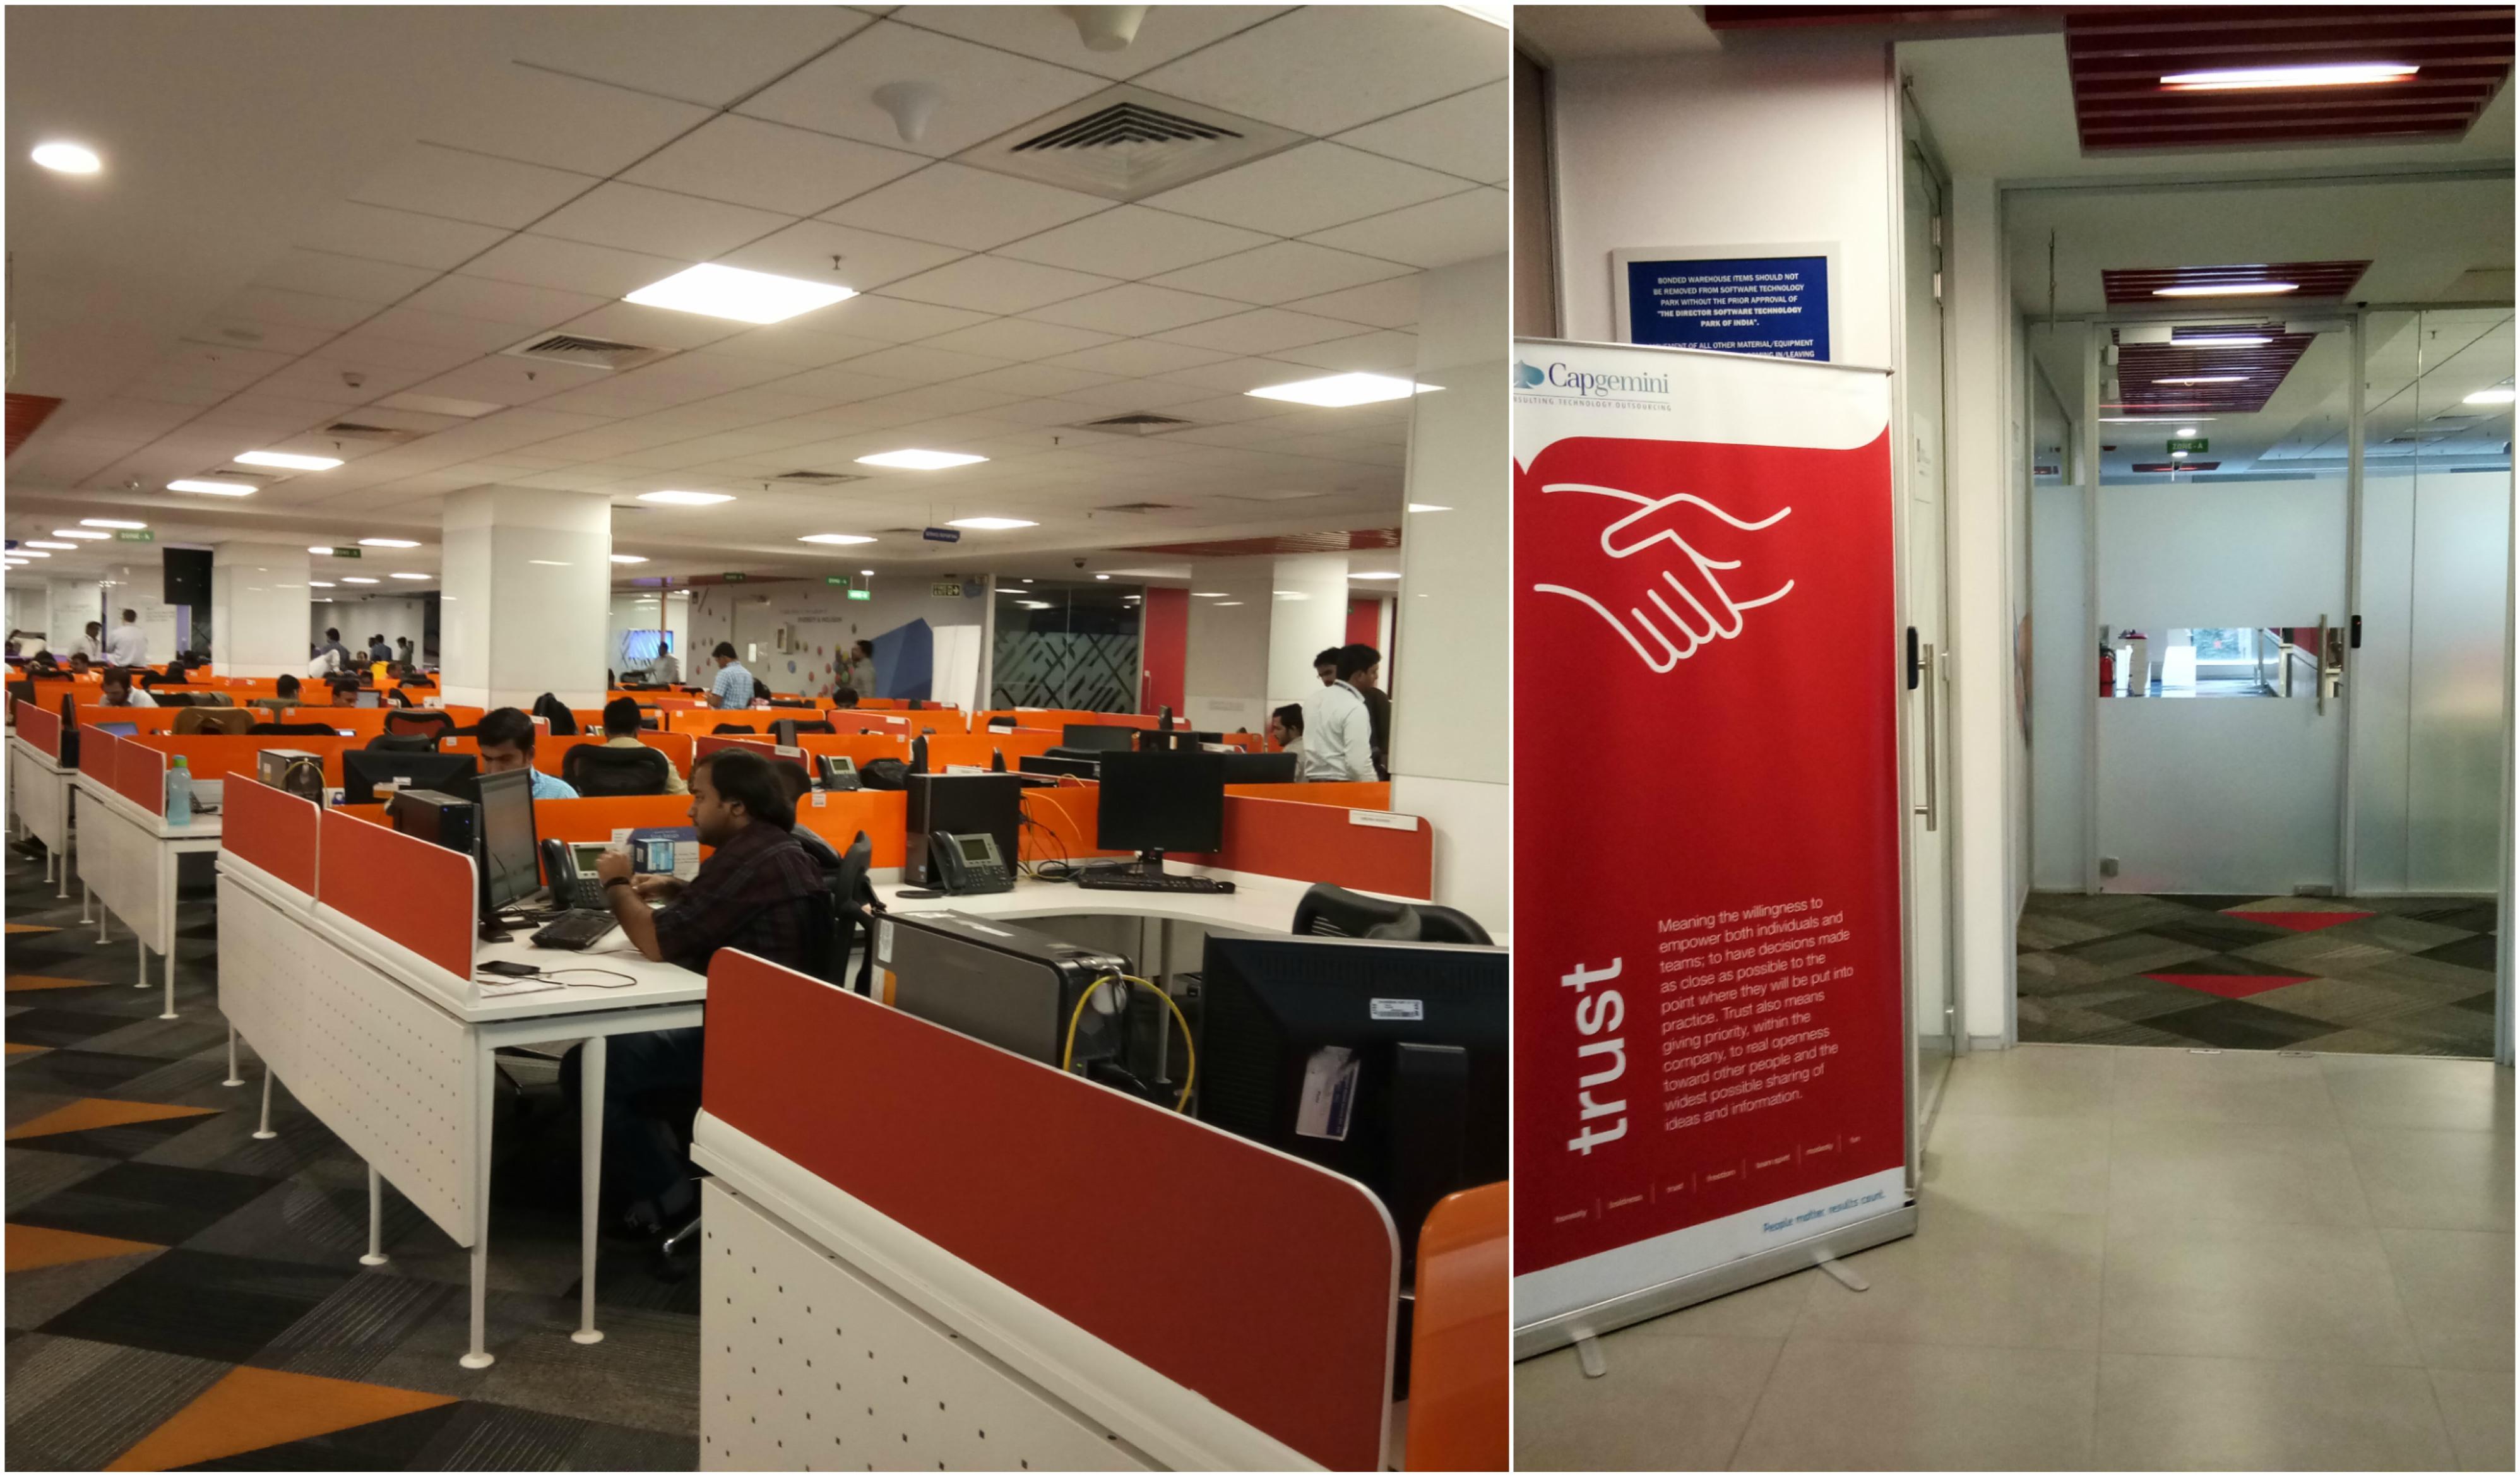 Explore more about our Bengaluru center offices – Capgemini India